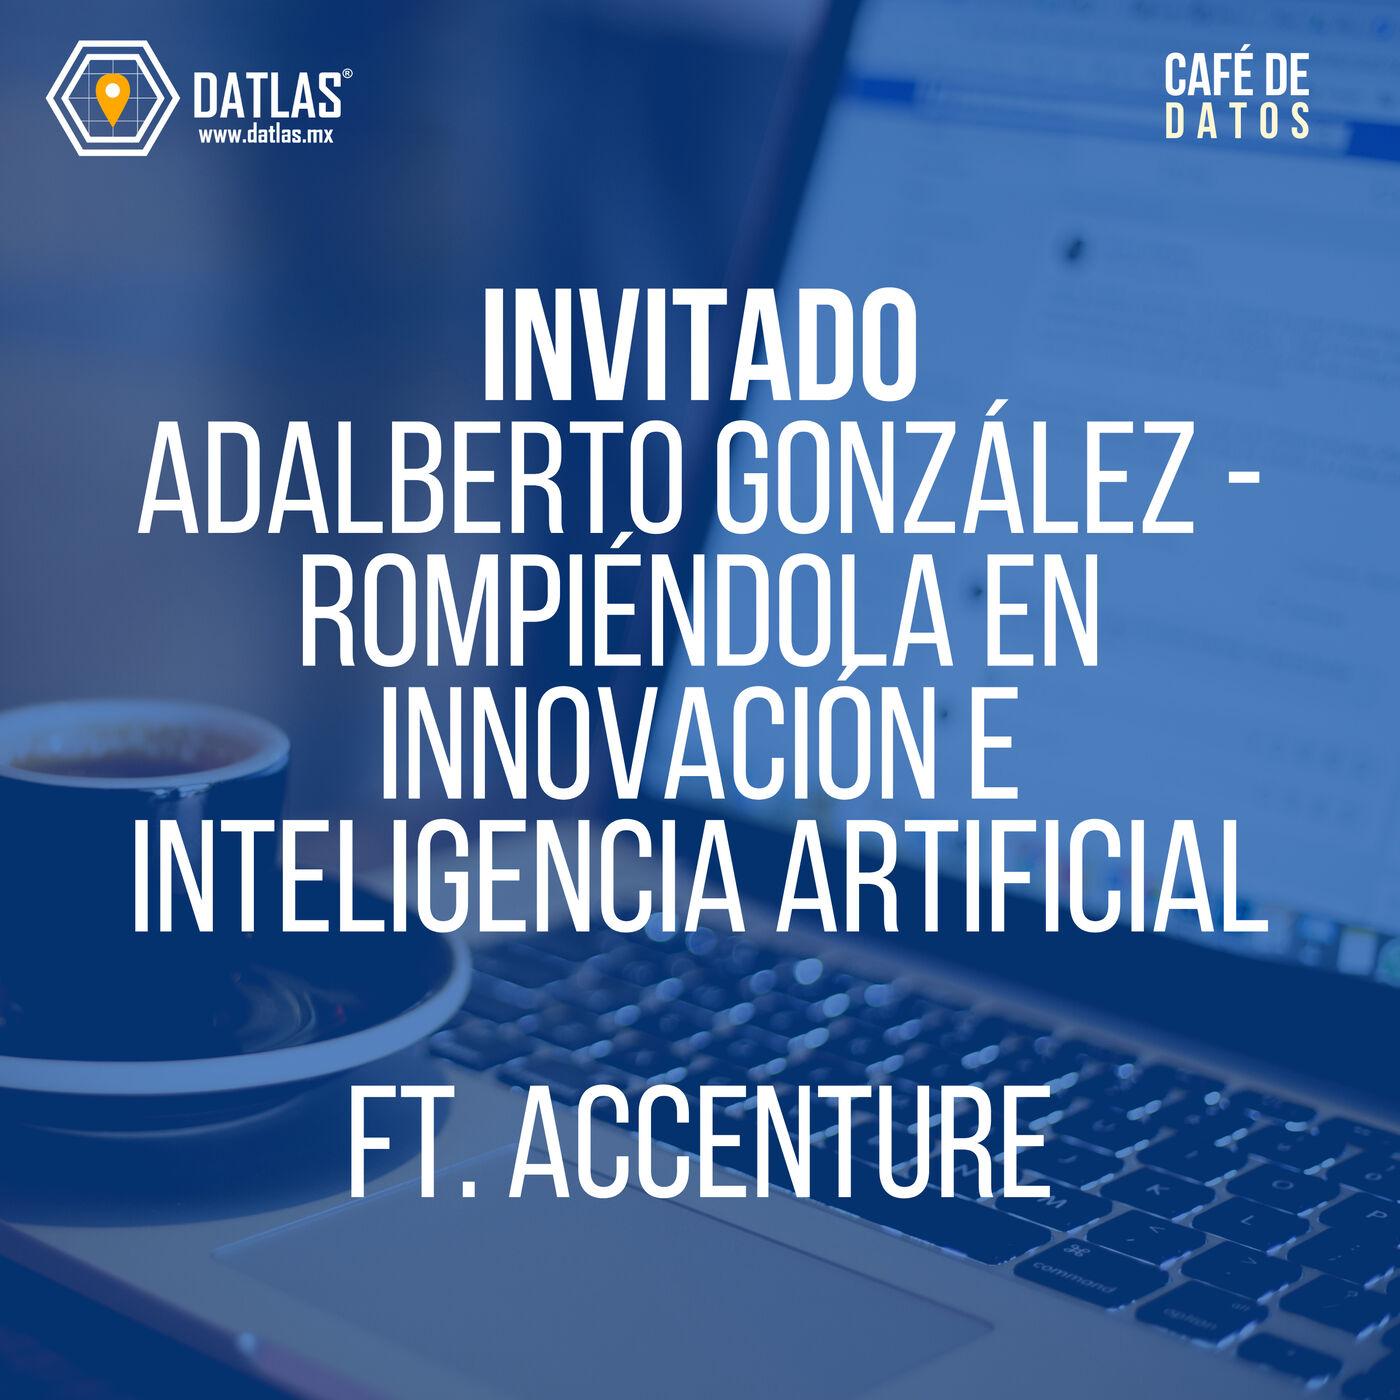 06. Invitado: Adalberto González - Rompiéndola en el mundo con centros de innovación y ética en la inteligencia artificial (ft. Centro innovación de ACCENTURE))